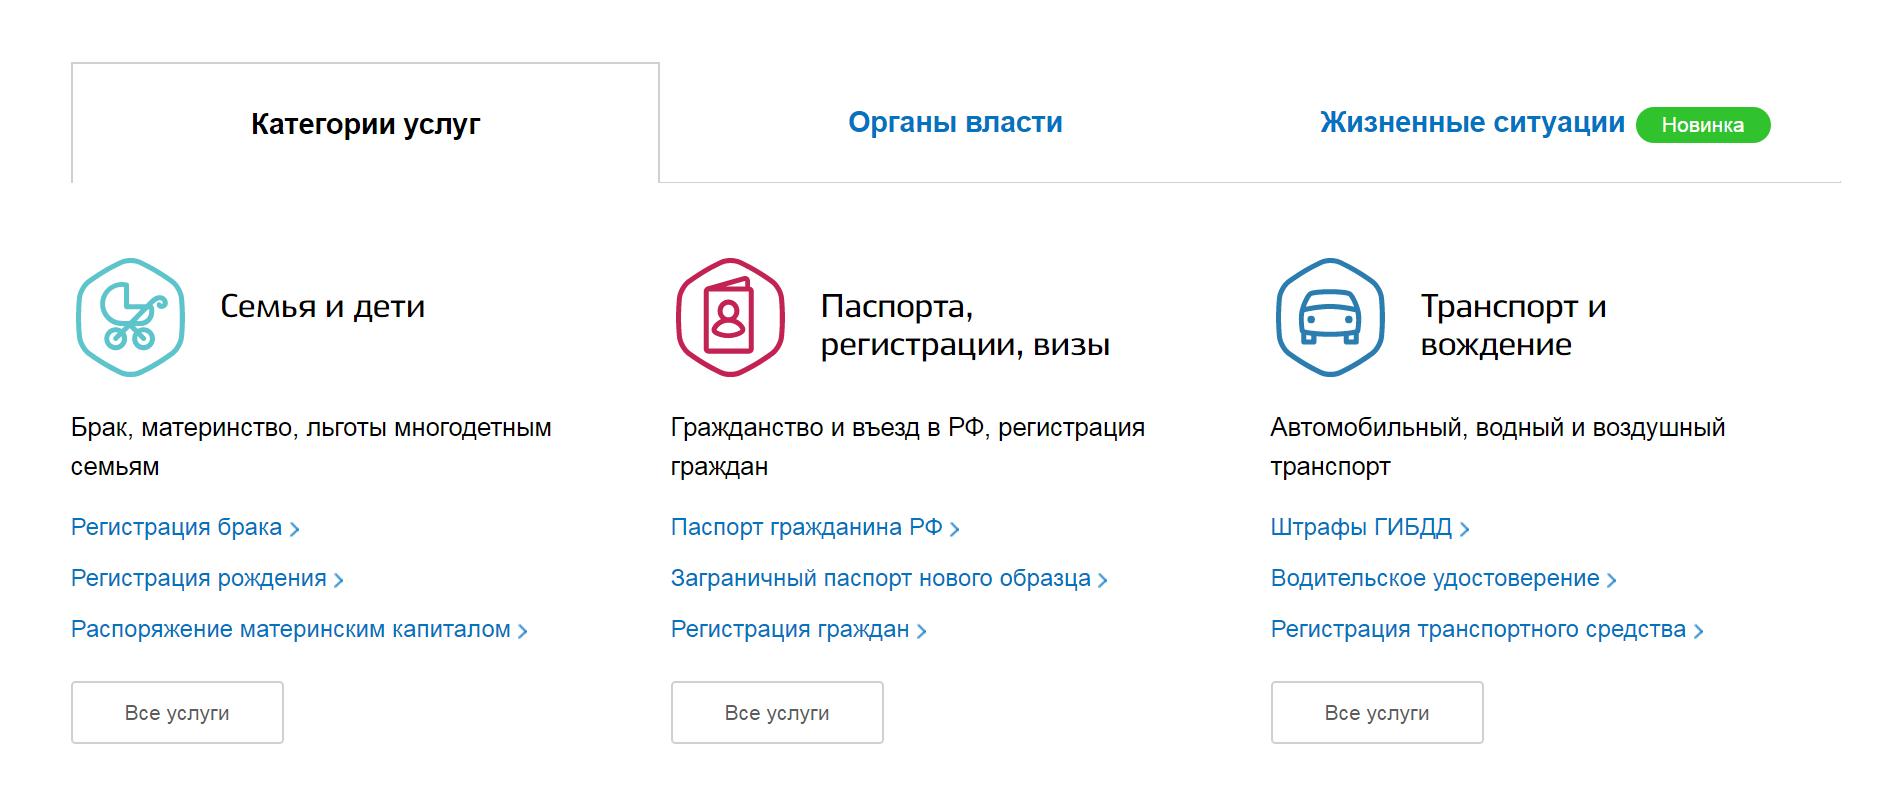 Как оформить временную прописку через сайт Госуслуг: проверка регистрации по месту пребывания онлайн в интернете